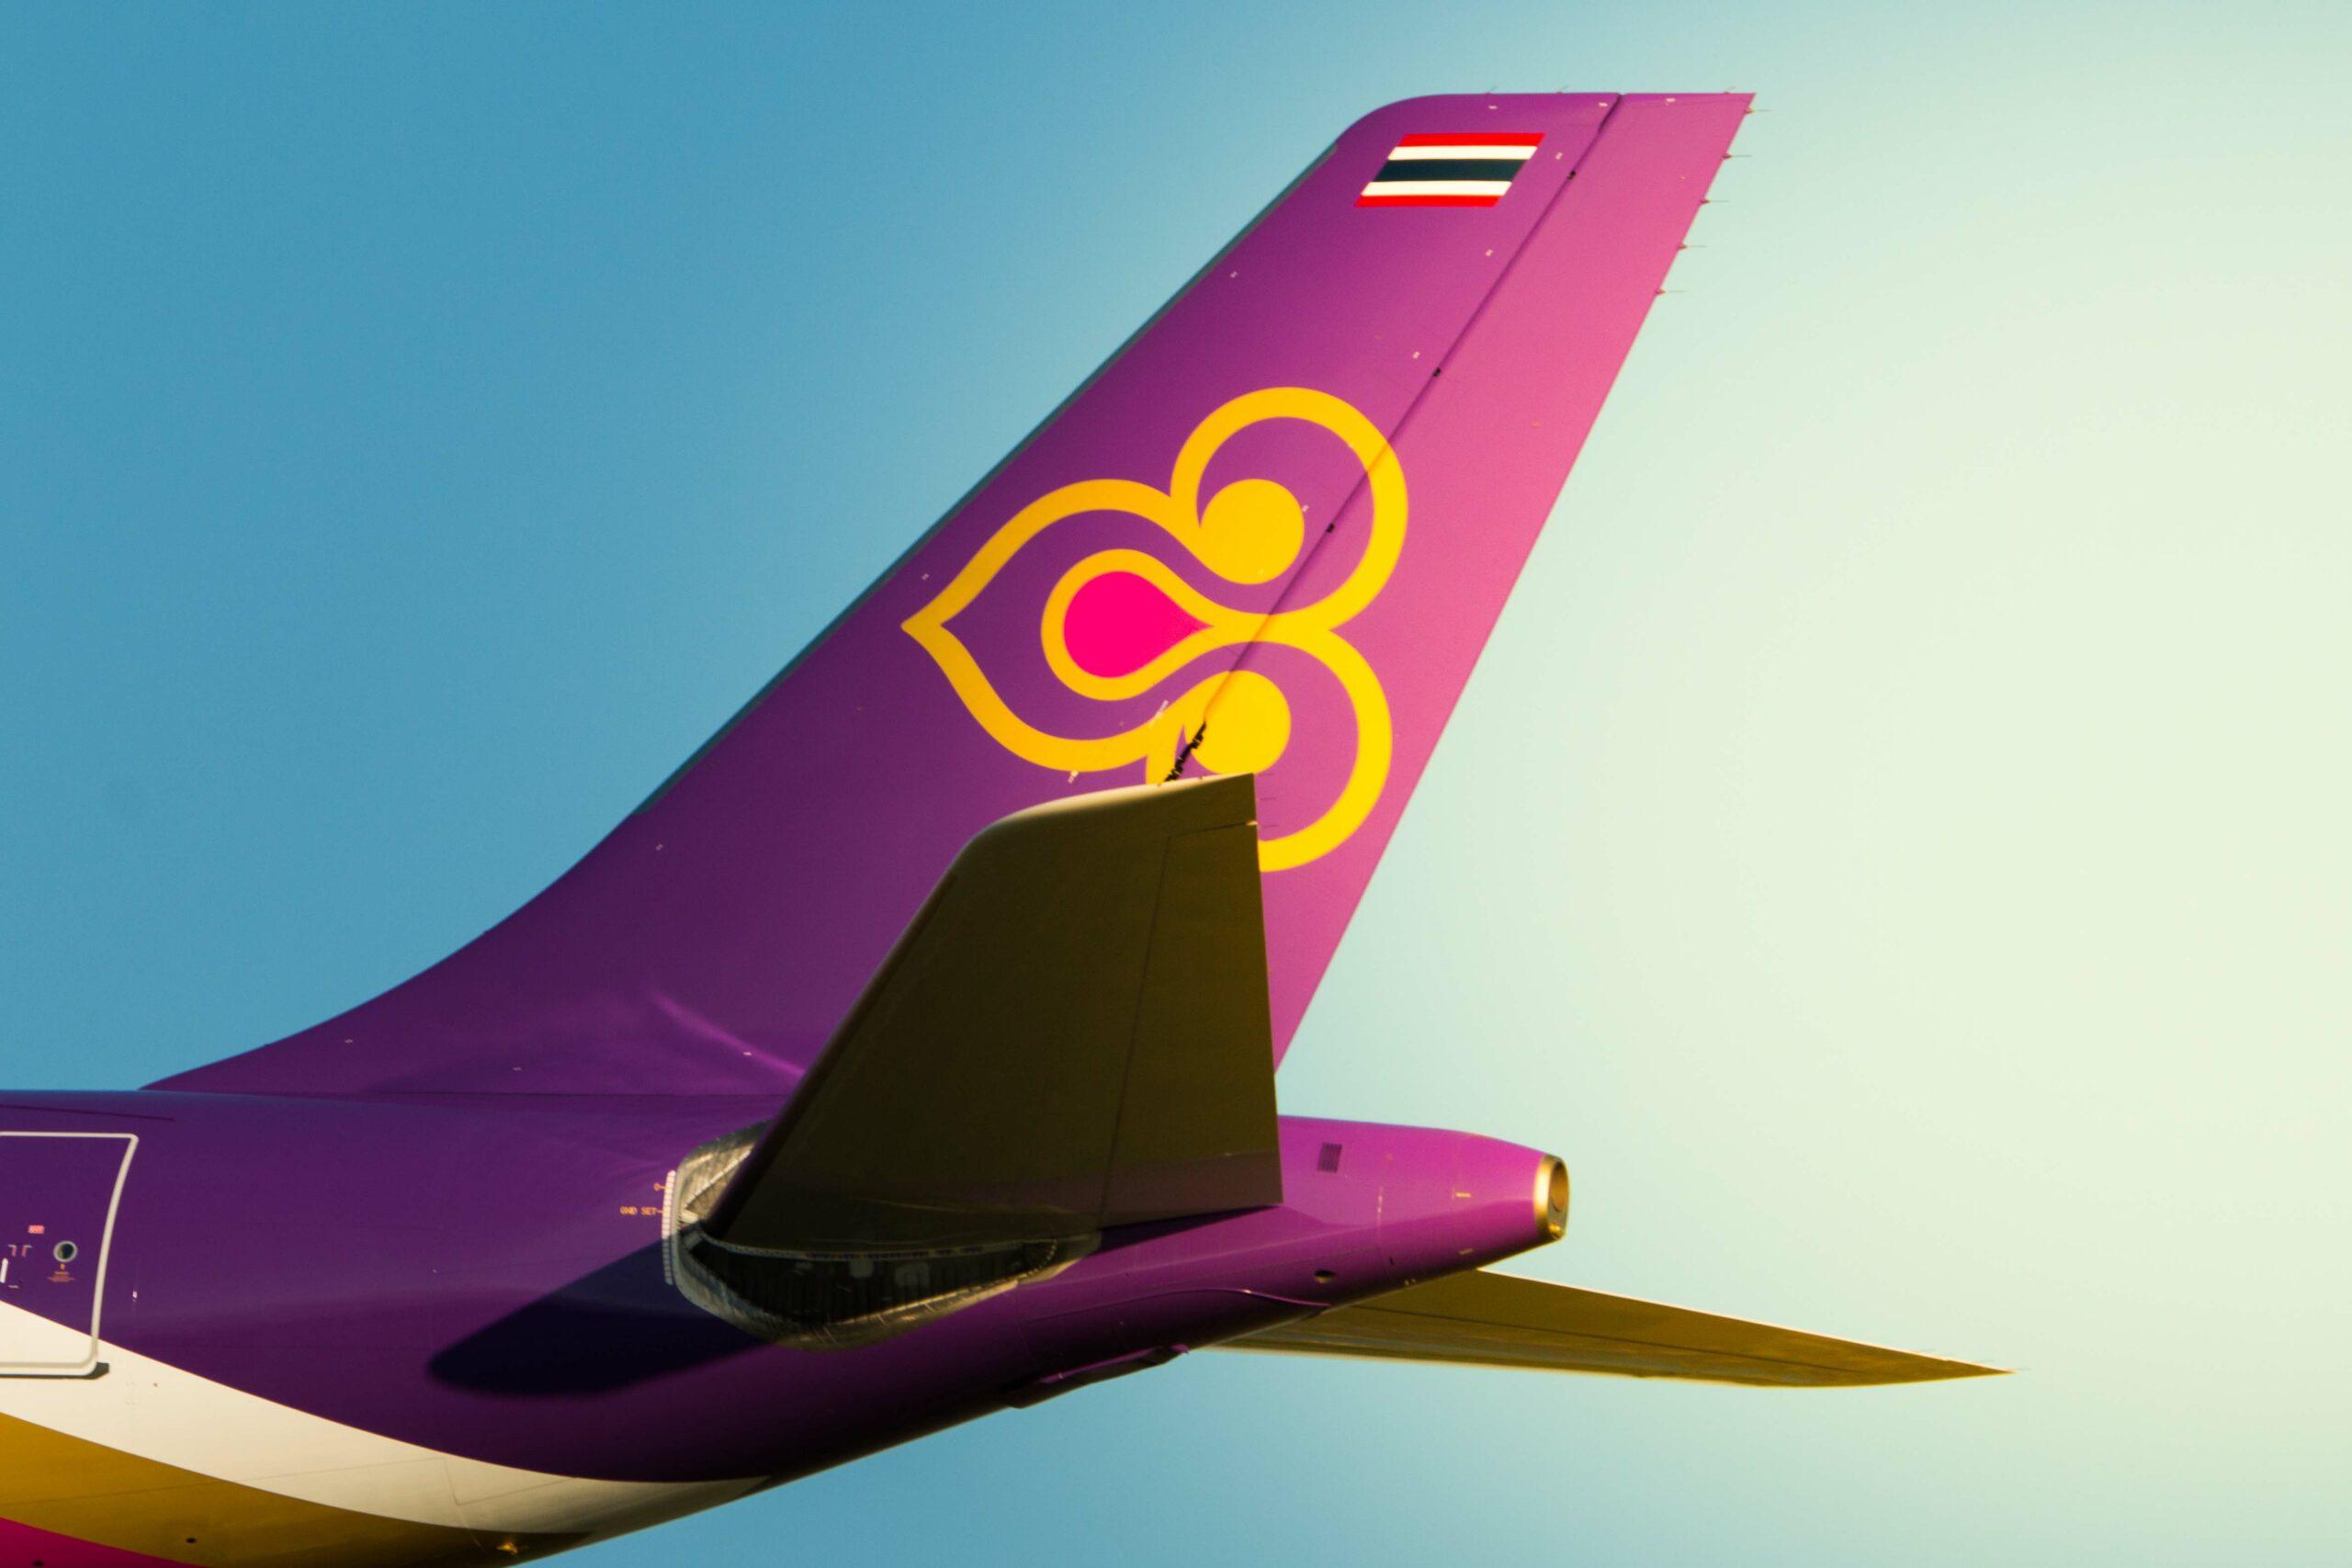 Thai Airways receives green light for restructuring plan 1